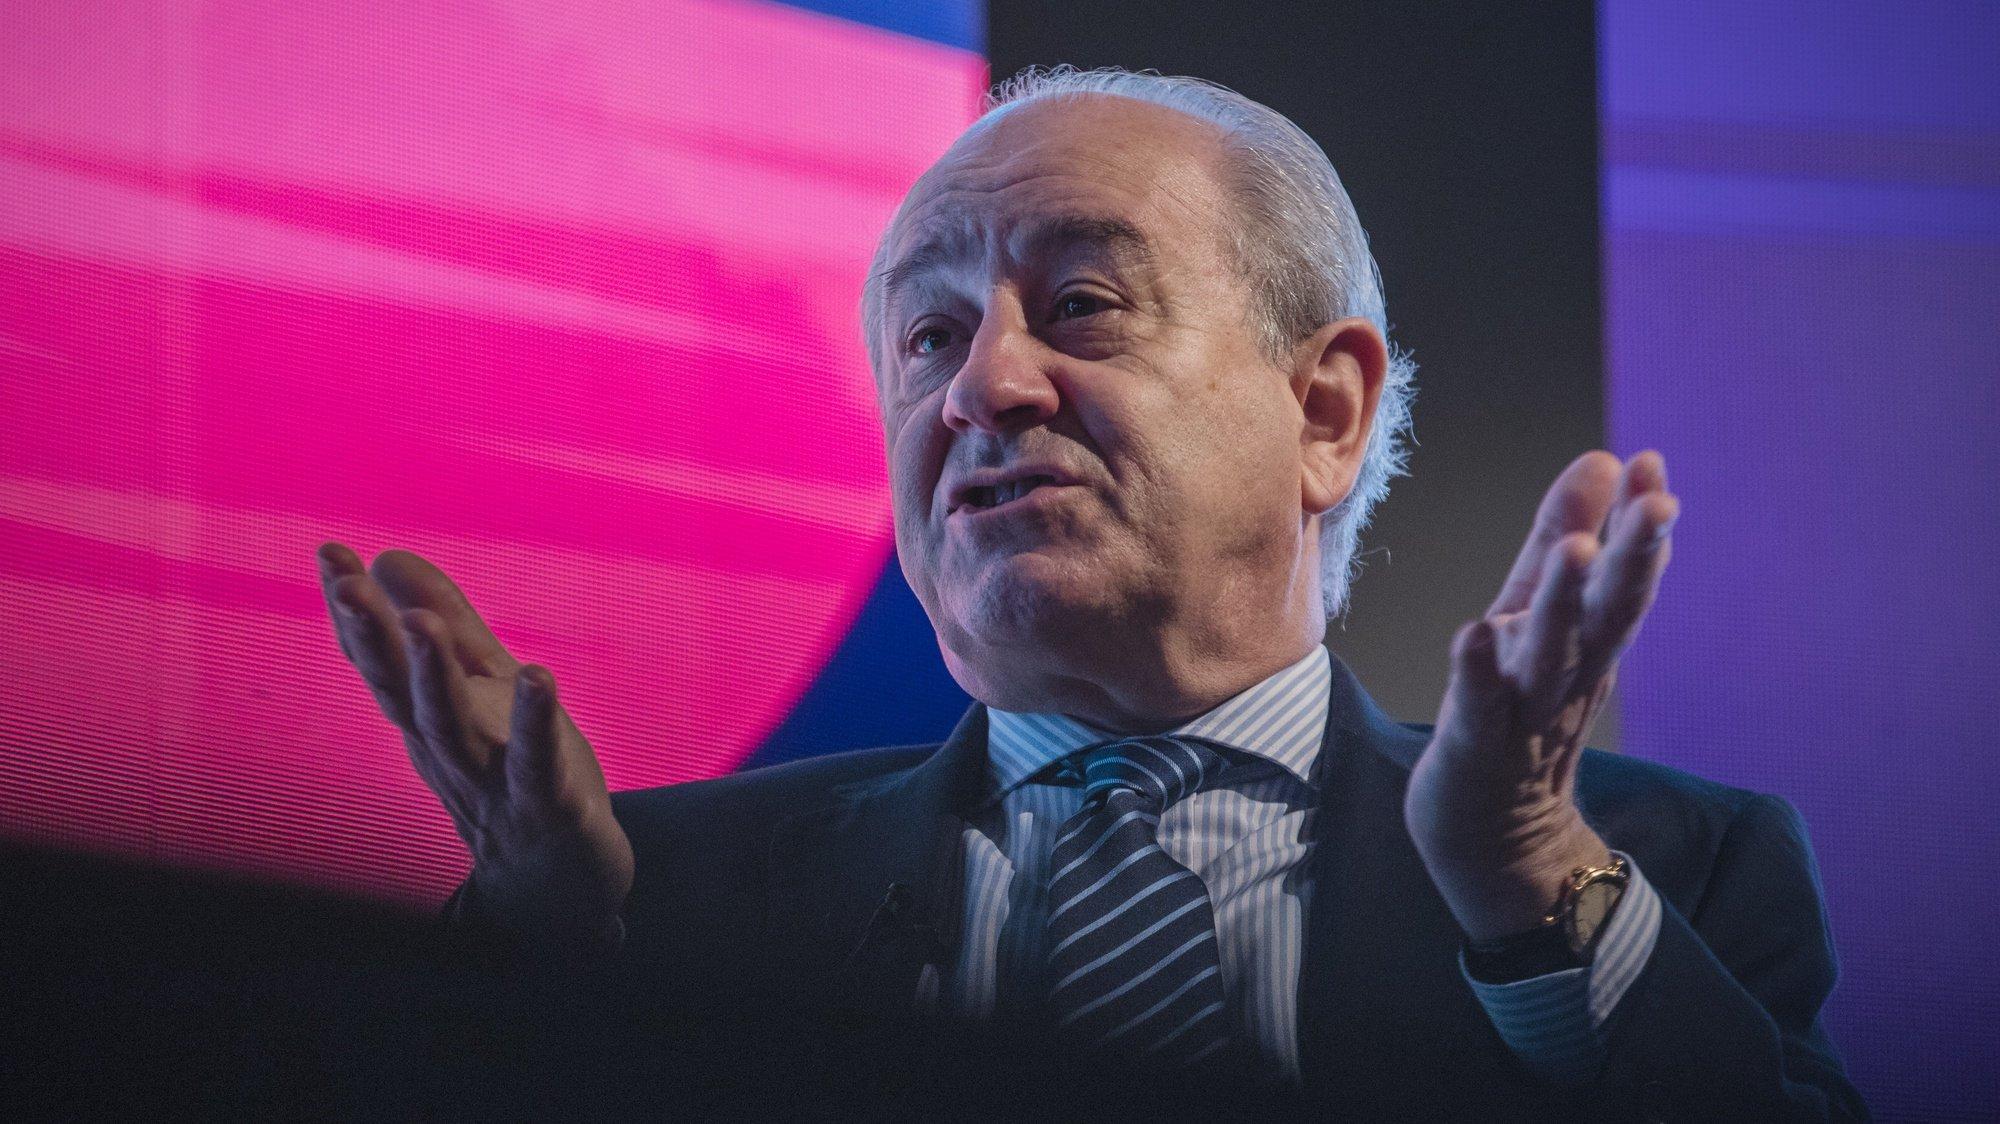 O presidente do PSD, Rui Rio, conversa com o presidente da ANJE - Associação Nacional de Jovens Empresários, Alexandre Meireles (ausente da foto), no âmbito do ciclo de conferências da  ANJE - PME's 2021, no Porto, 5 de julho de 2021. JOSÉ COELHO/LUSA